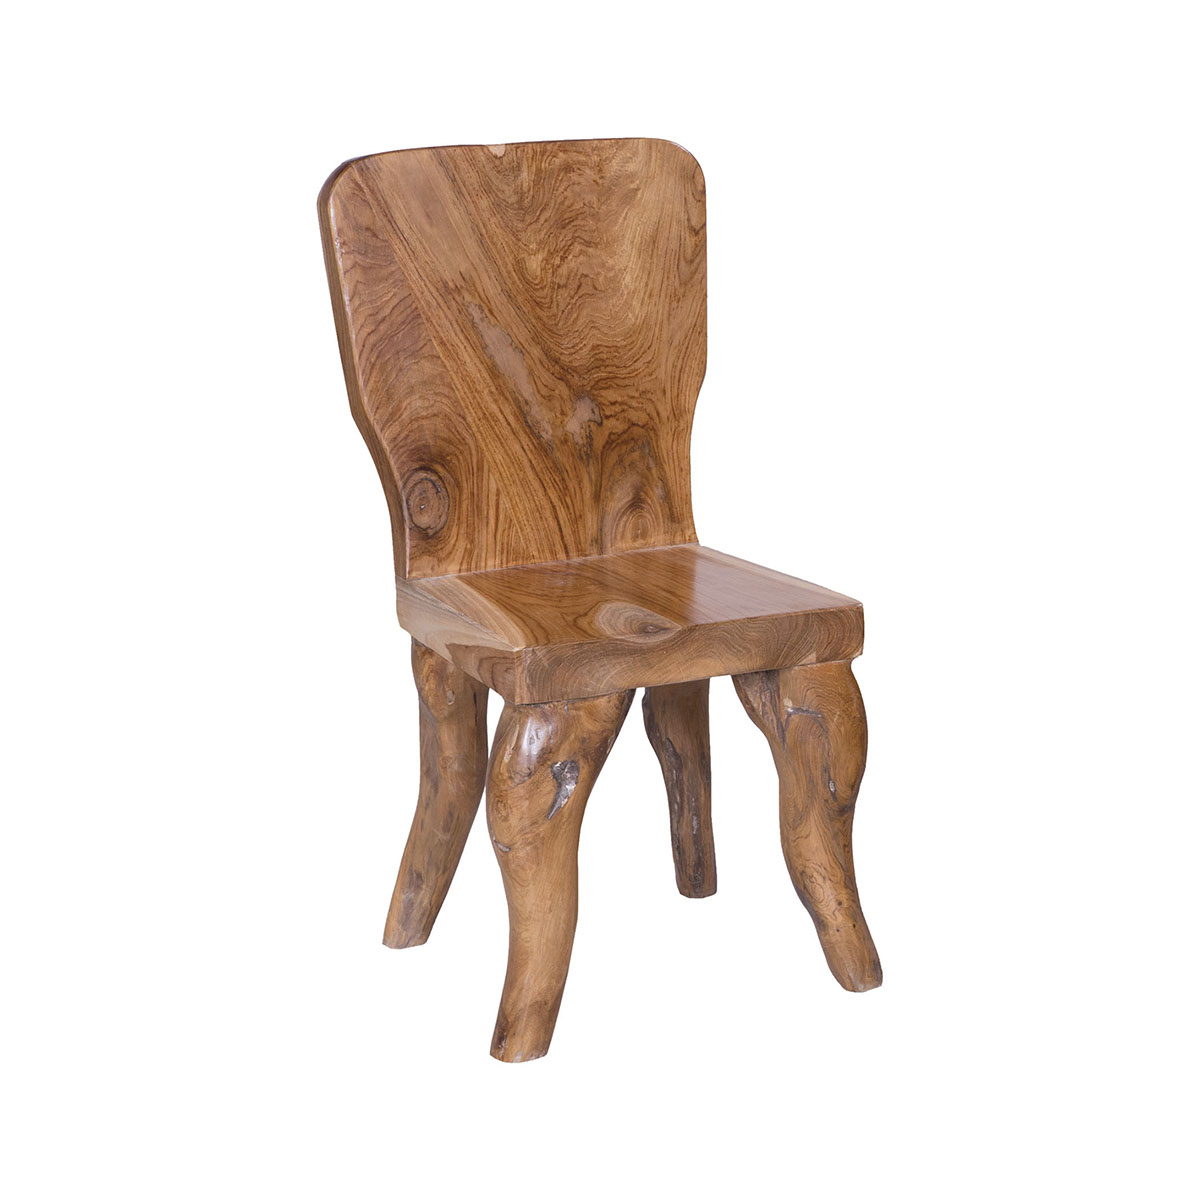 Rustic Teak Dining Chair | Elk Home